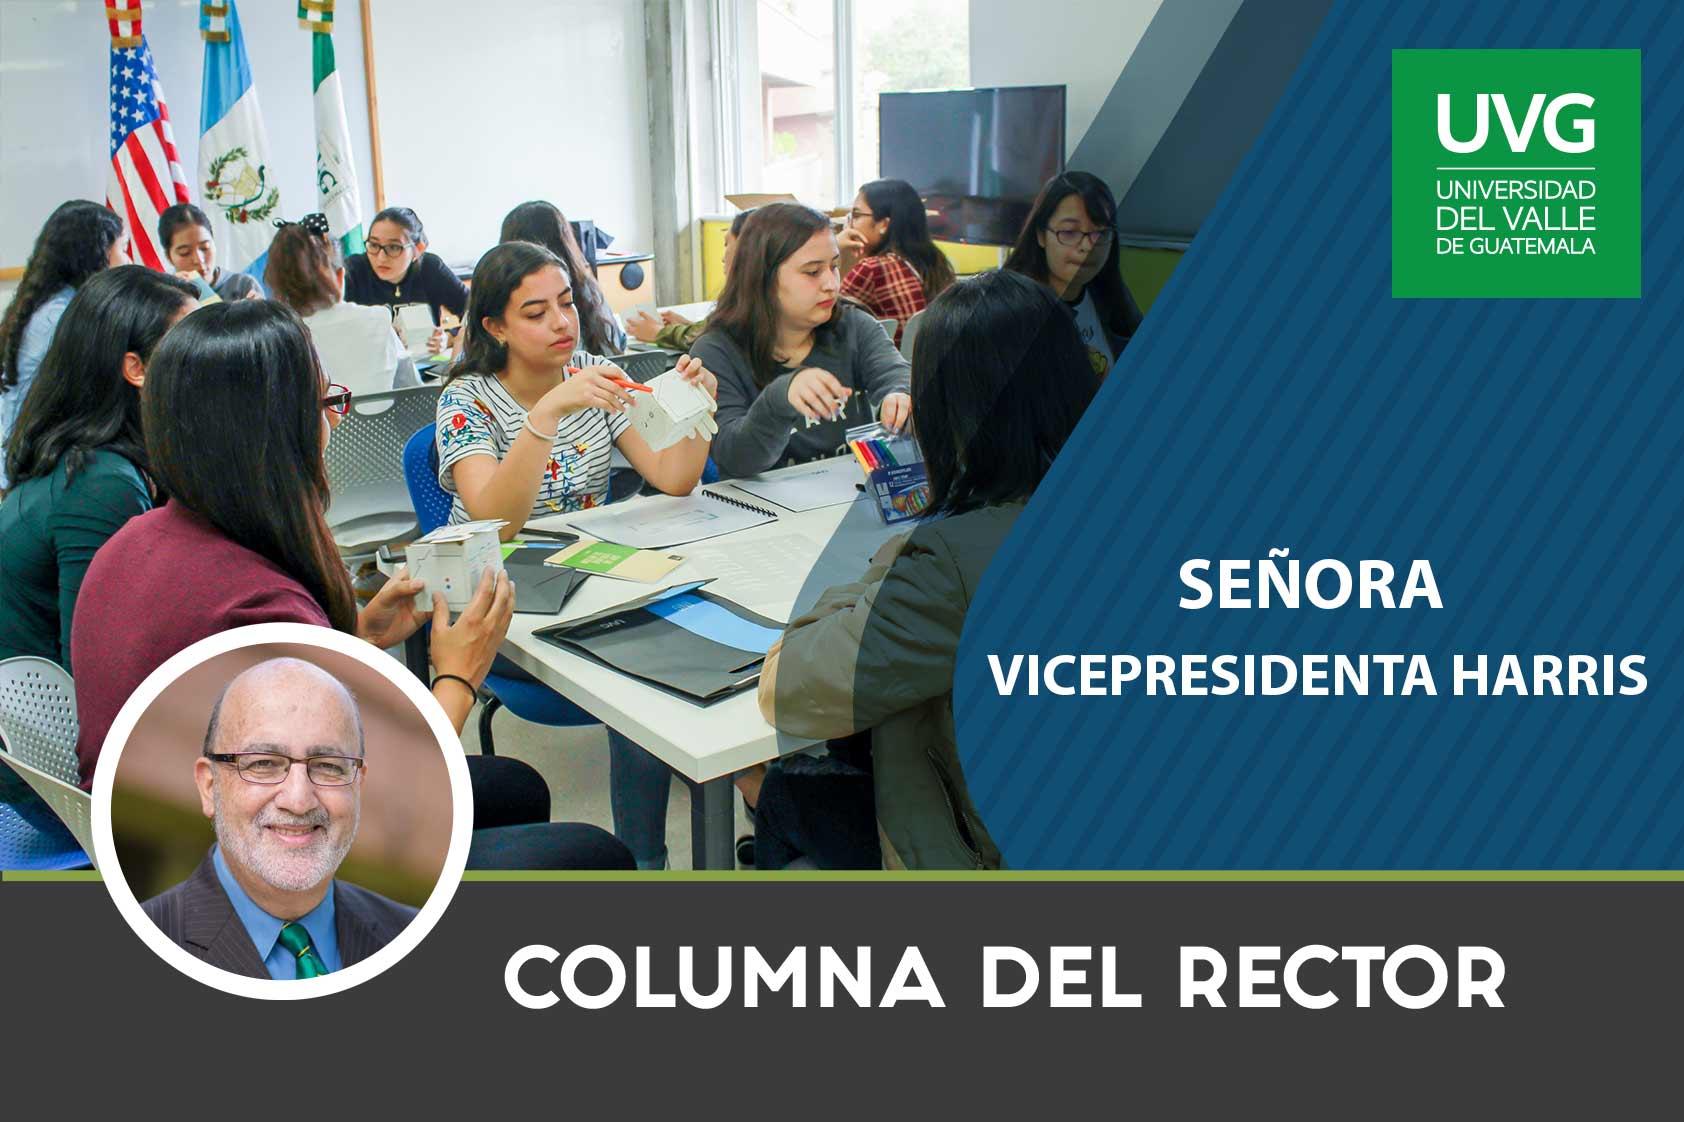 Columna del rector: Señora Vicepresidenta Harris